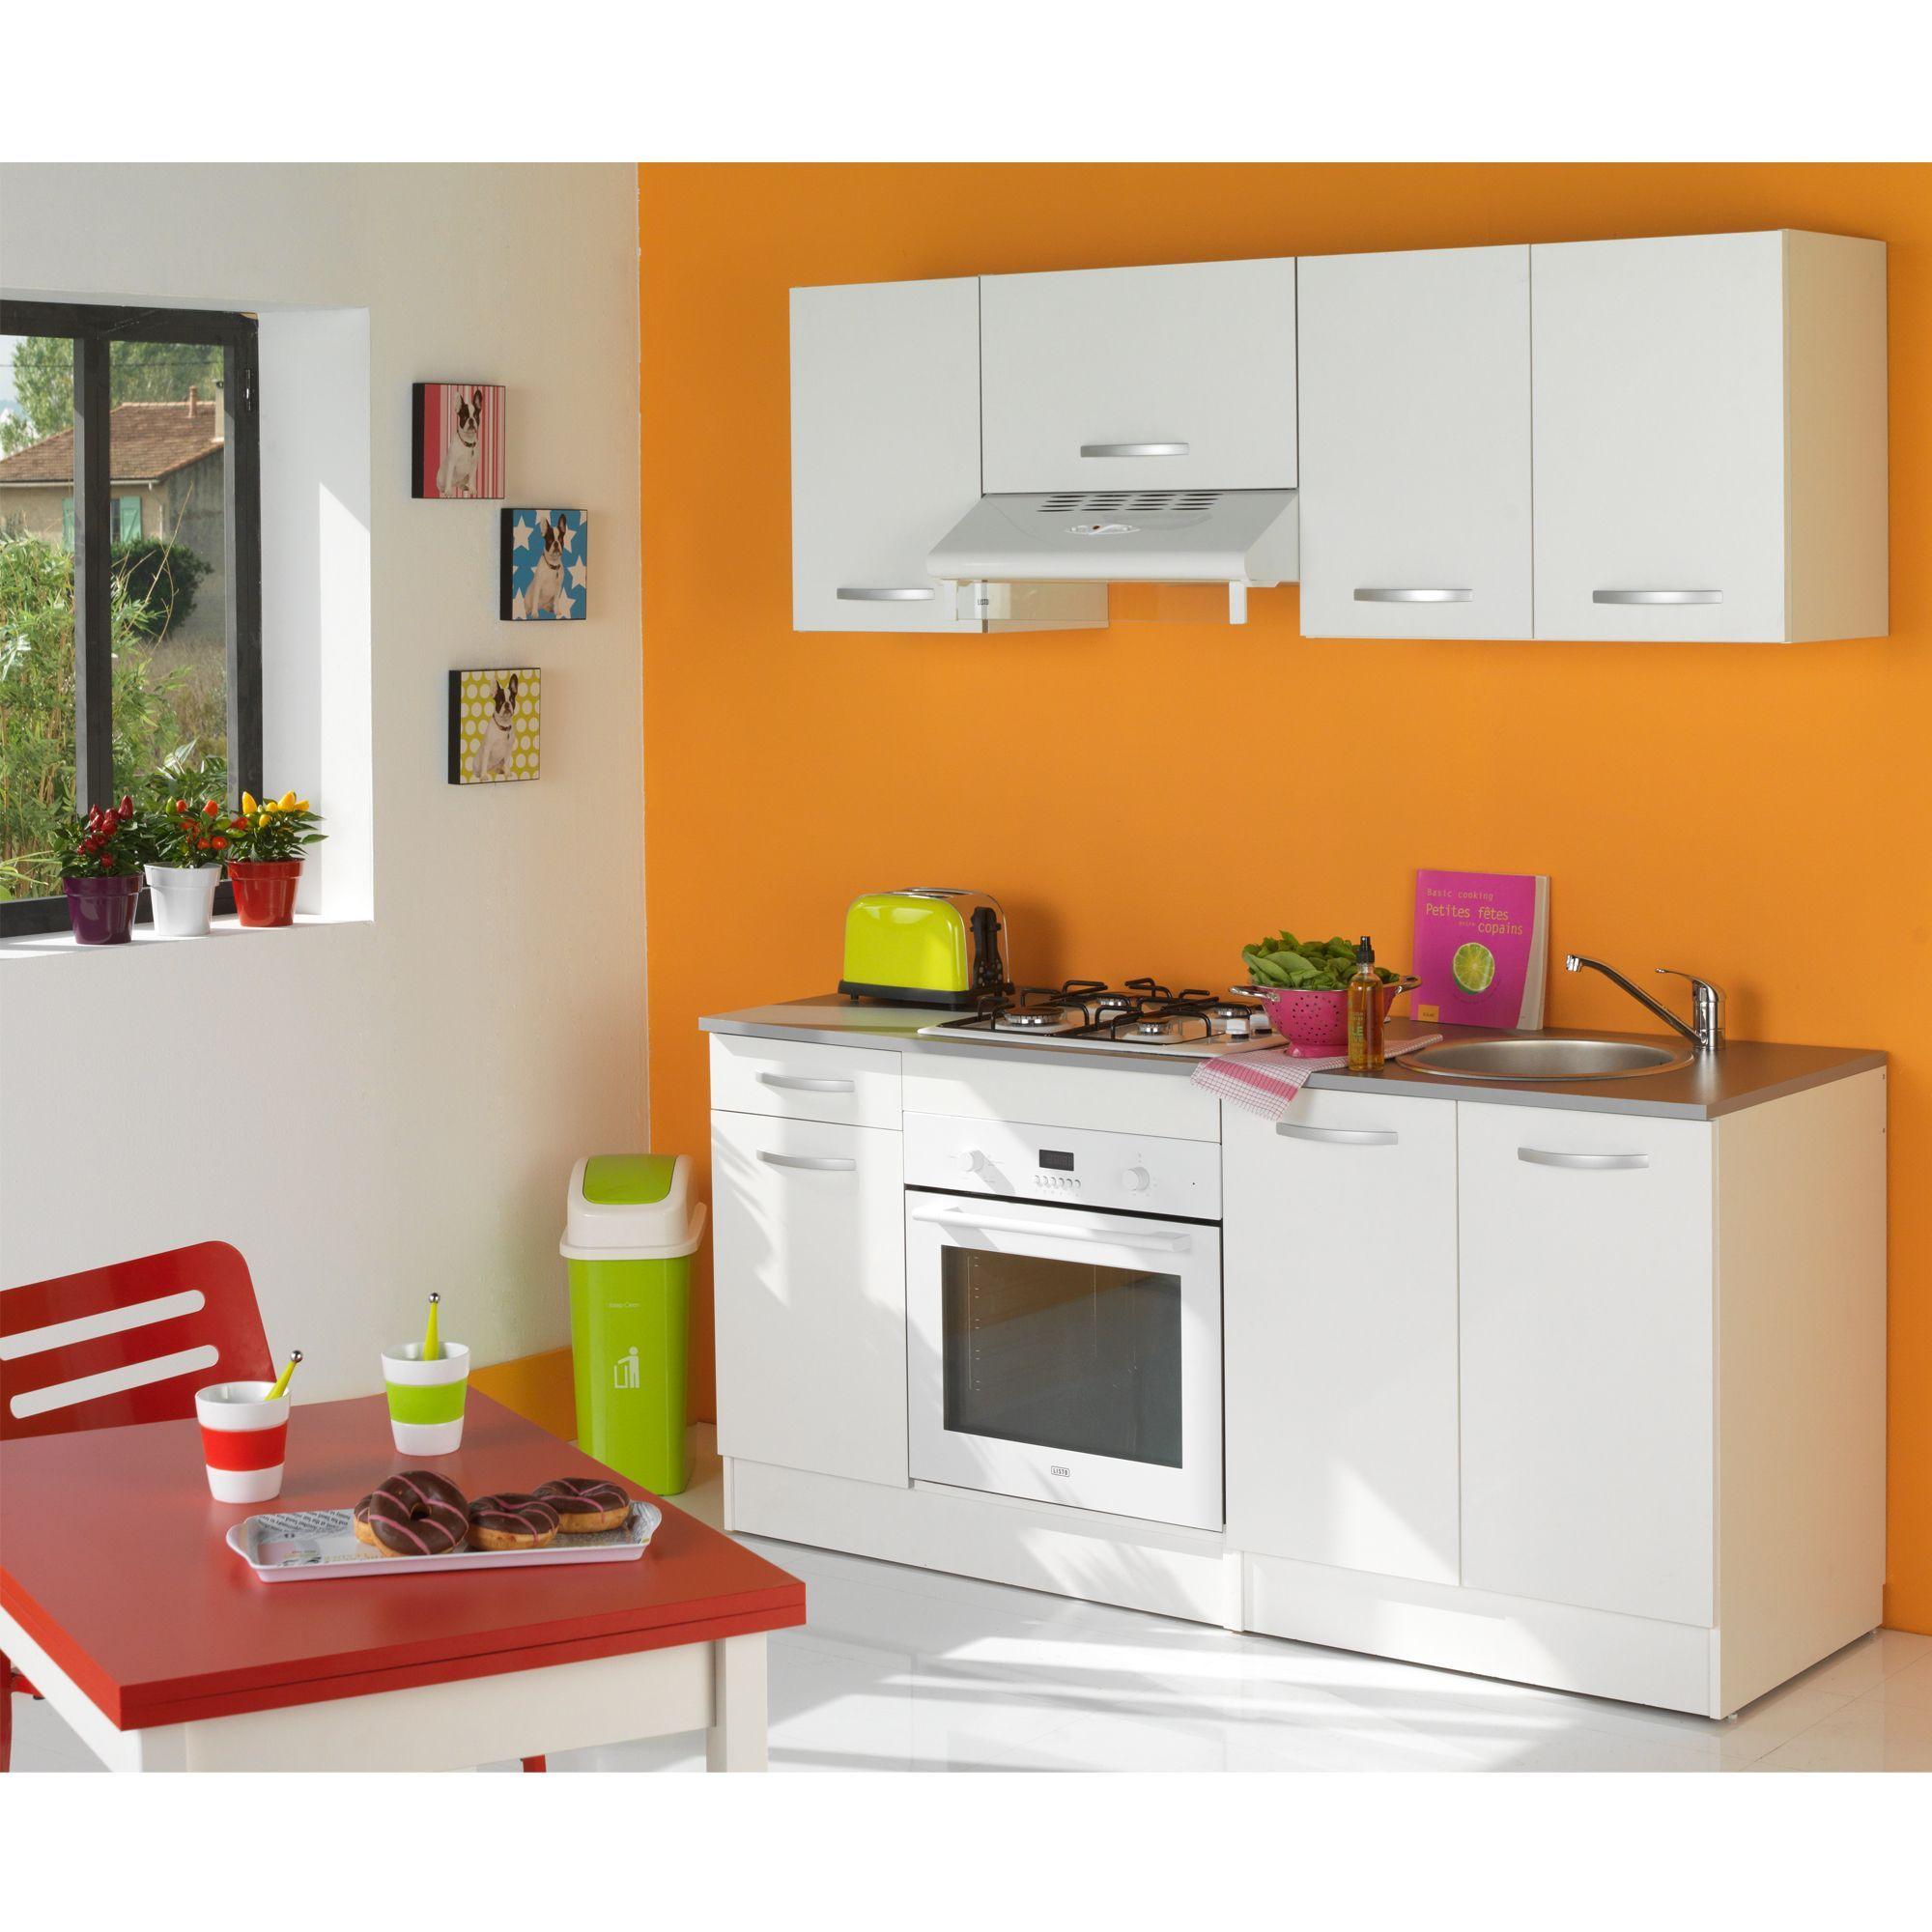 ensemble complet de meubles de cuisine - eko cuisine - les cuisines